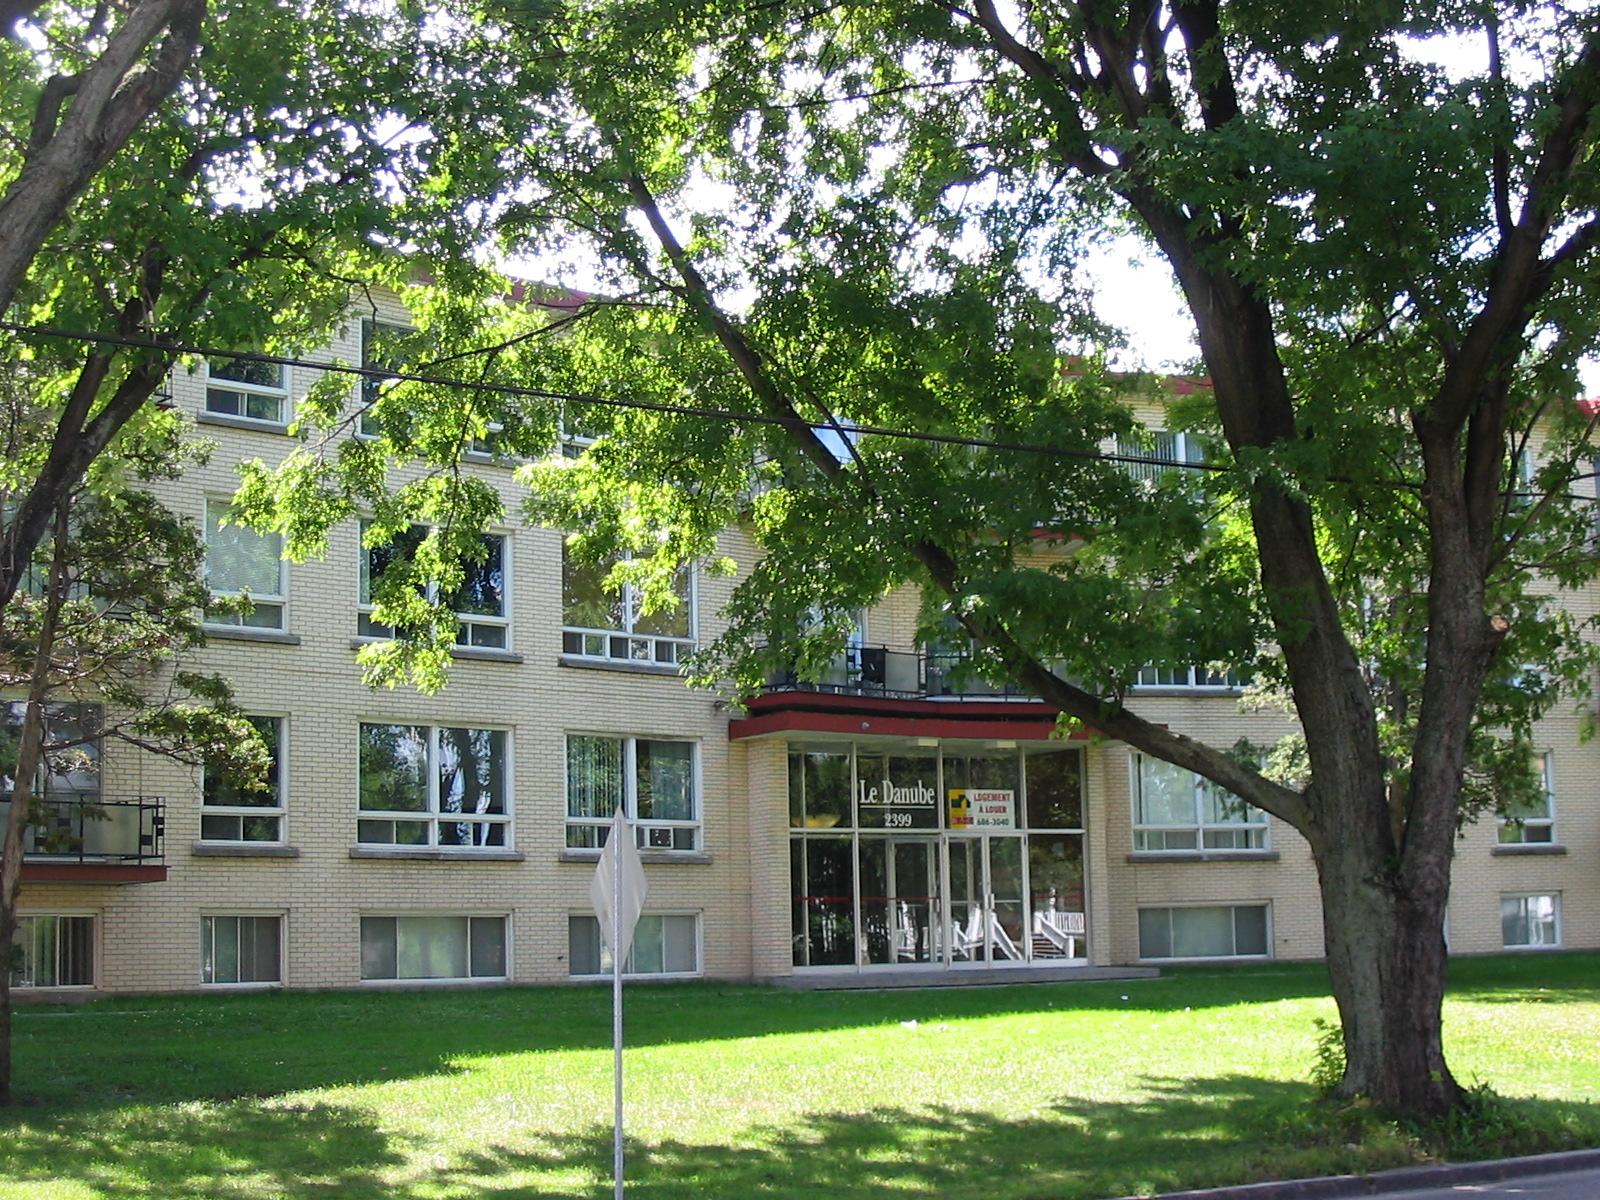 2399, Chemin Ste-Foy #2, Québec G1V1T1